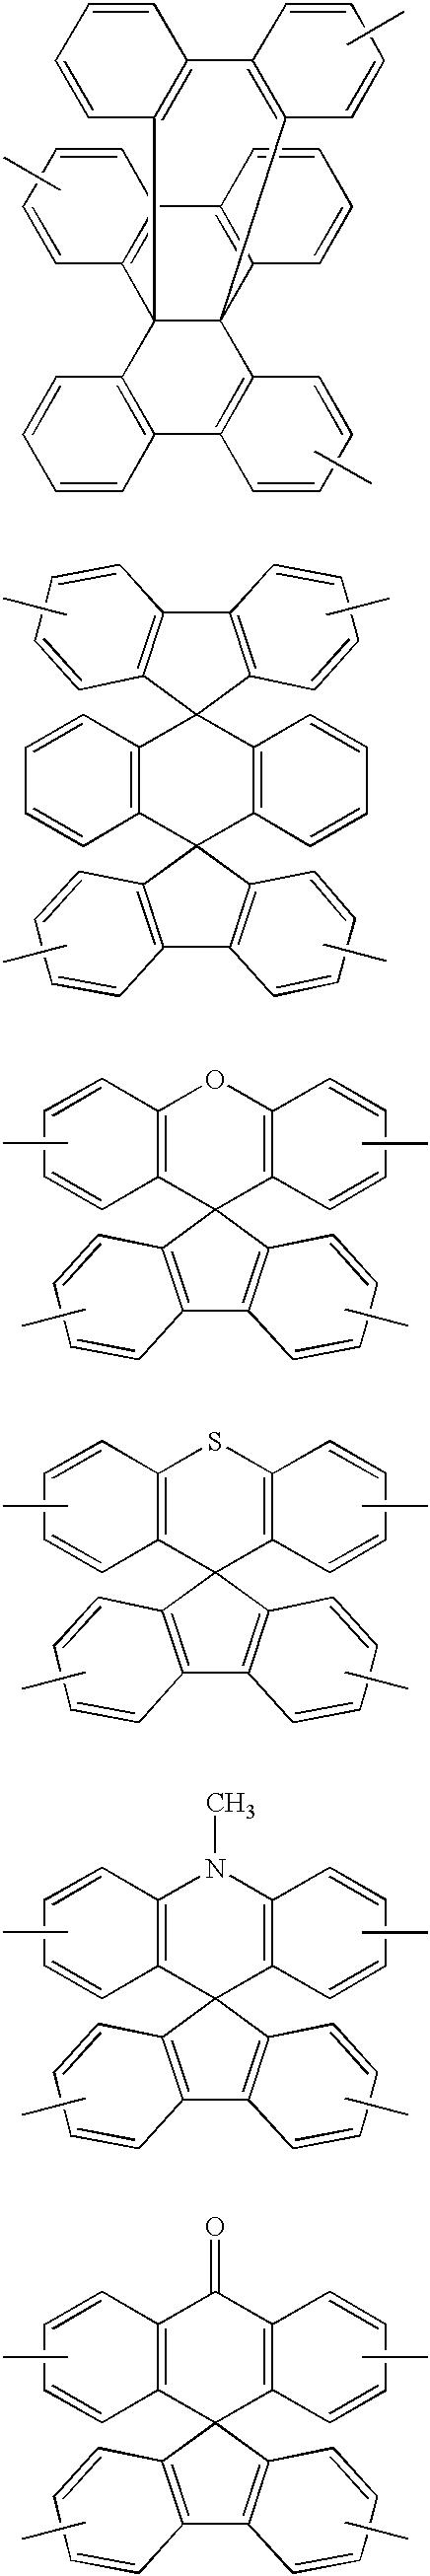 Figure US20030168970A1-20030911-C00010